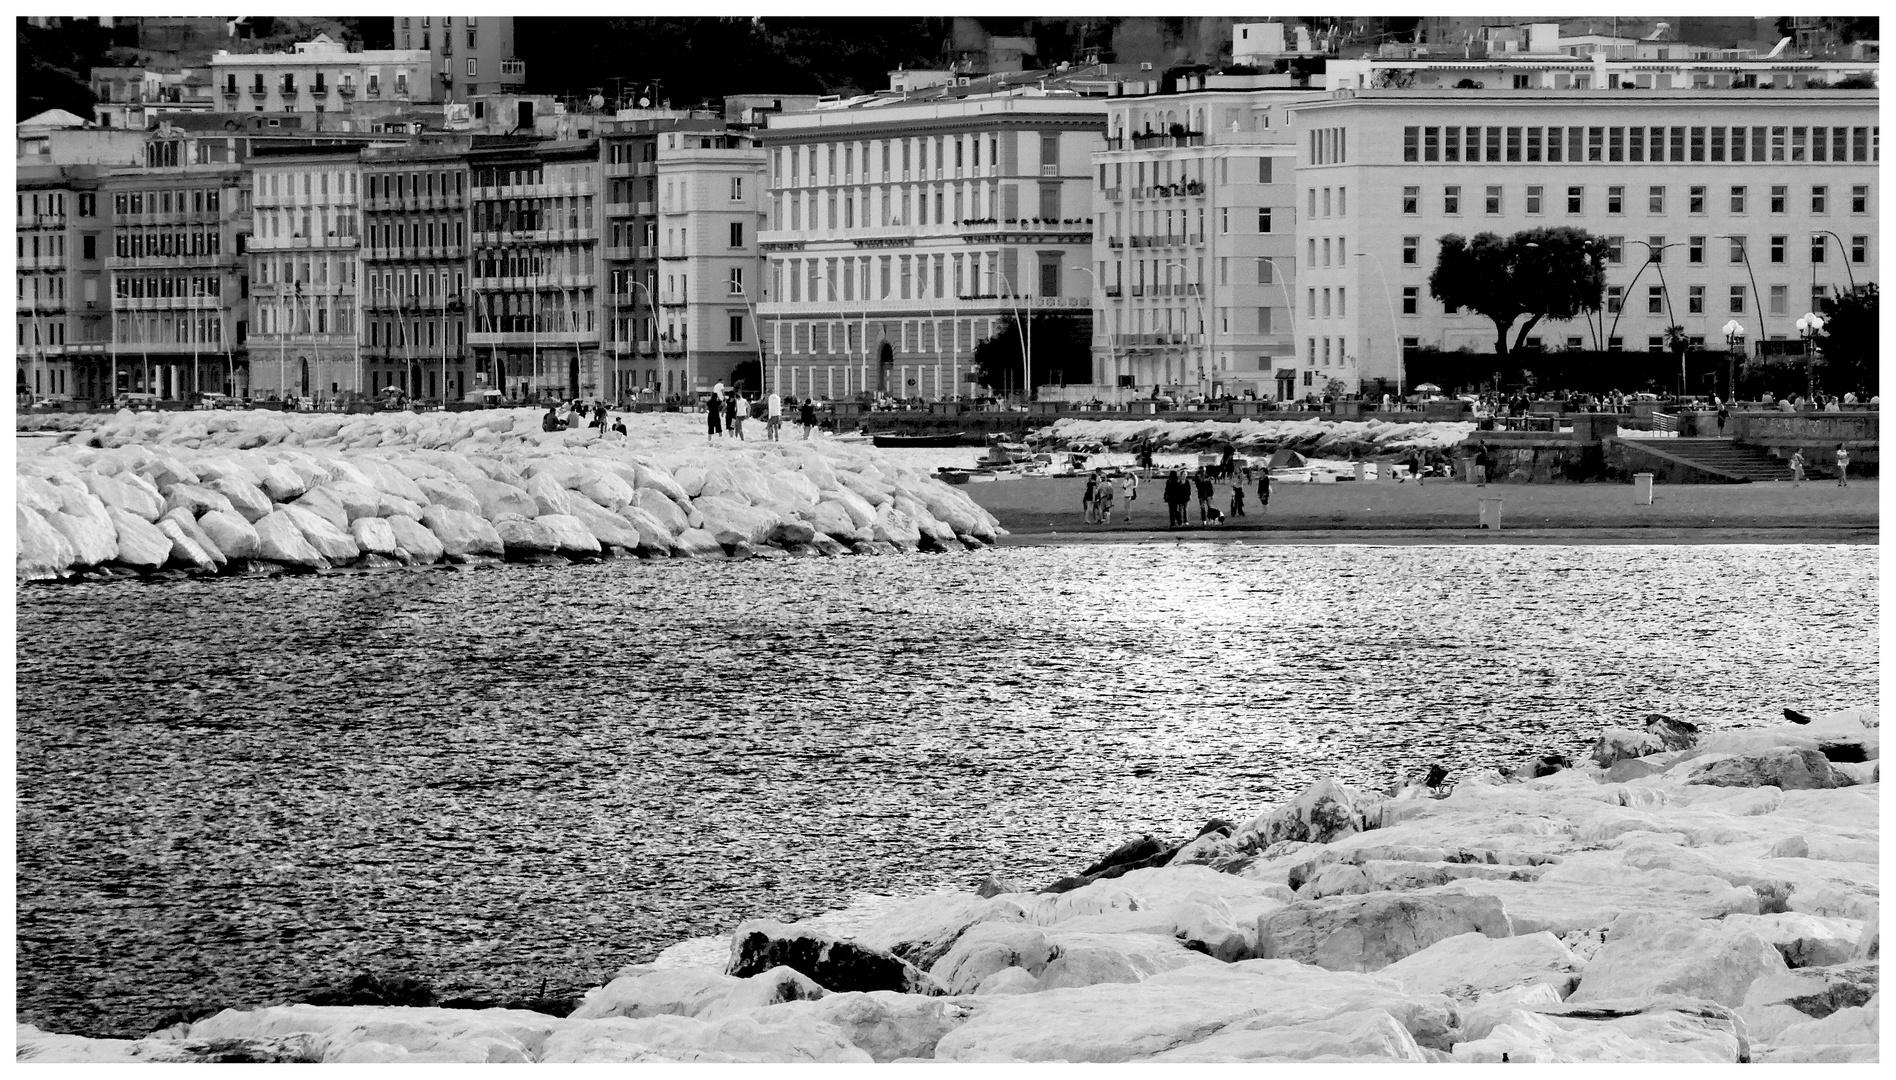 Napoli - via Caracciolo